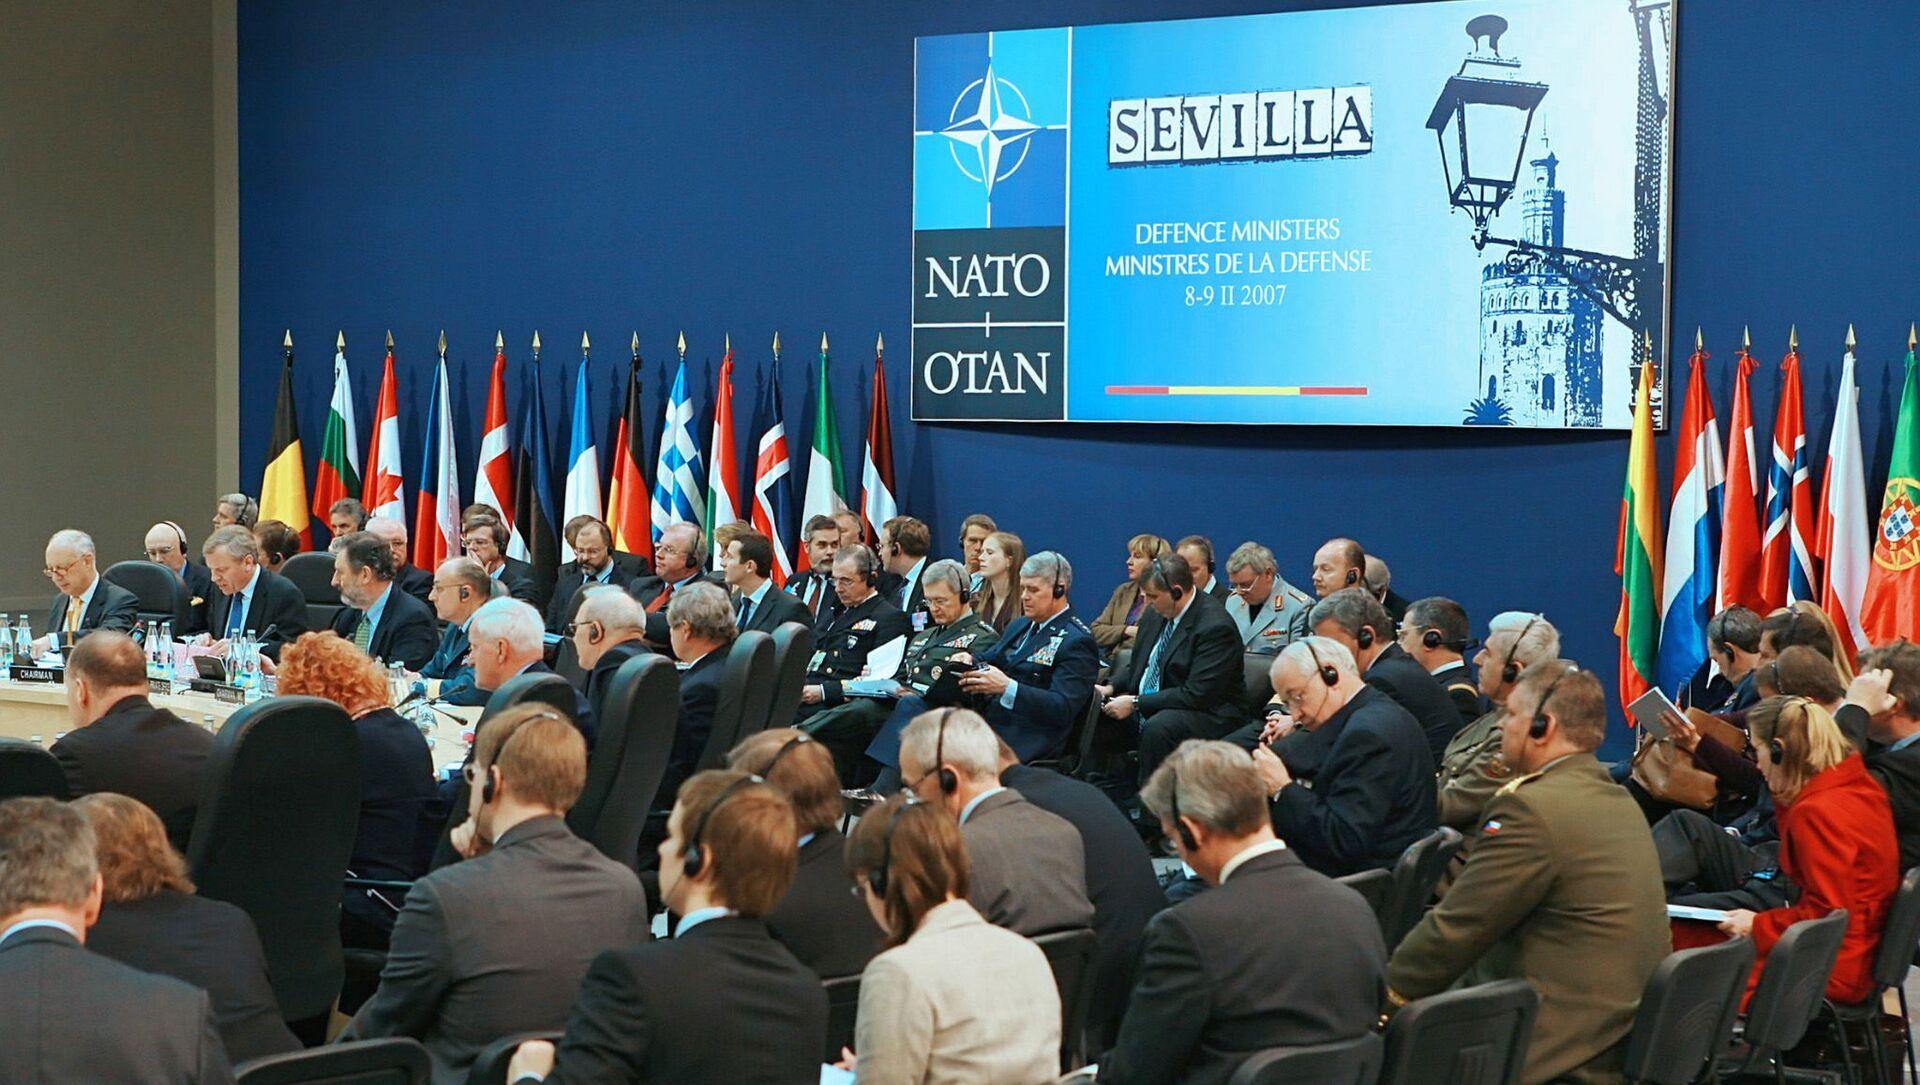 Nieformalne posiedzenie Rady Rosja-NATO - Sputnik Polska, 1920, 17.03.2021